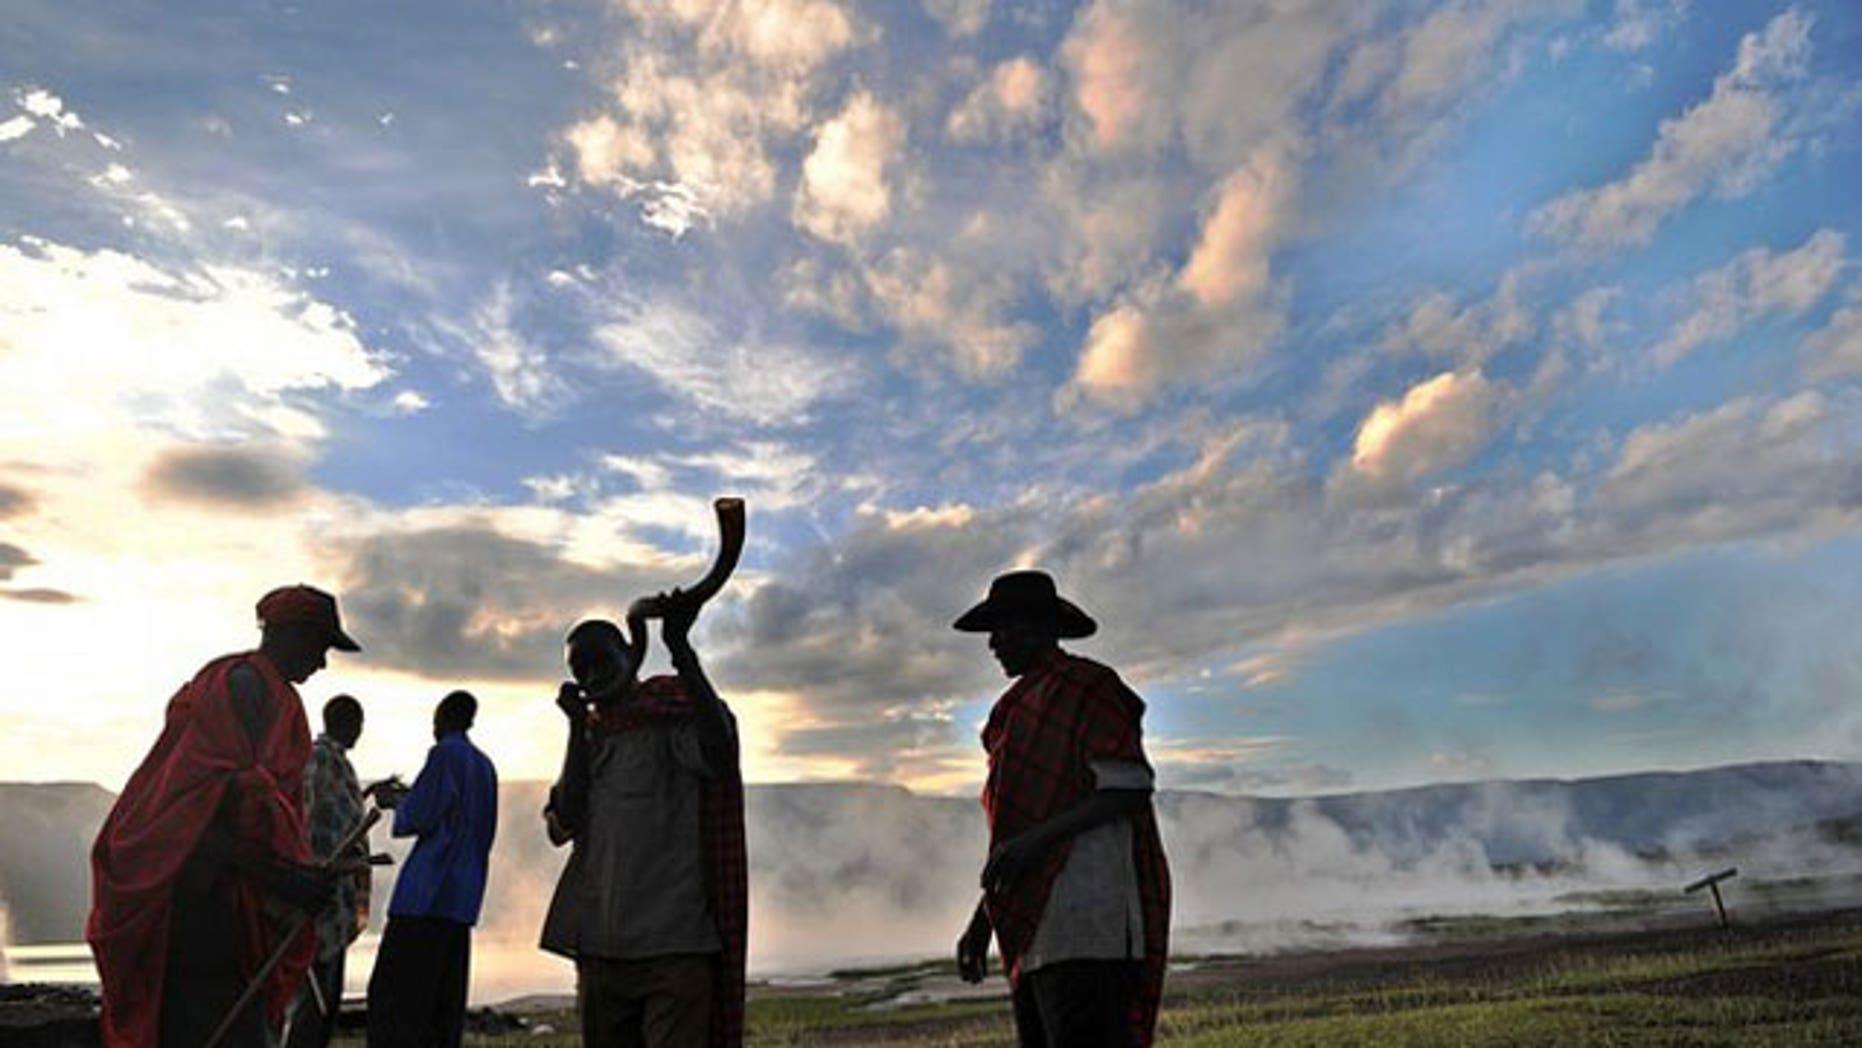 Indigenous ceremony outside Nairobi (www.daylife.com)